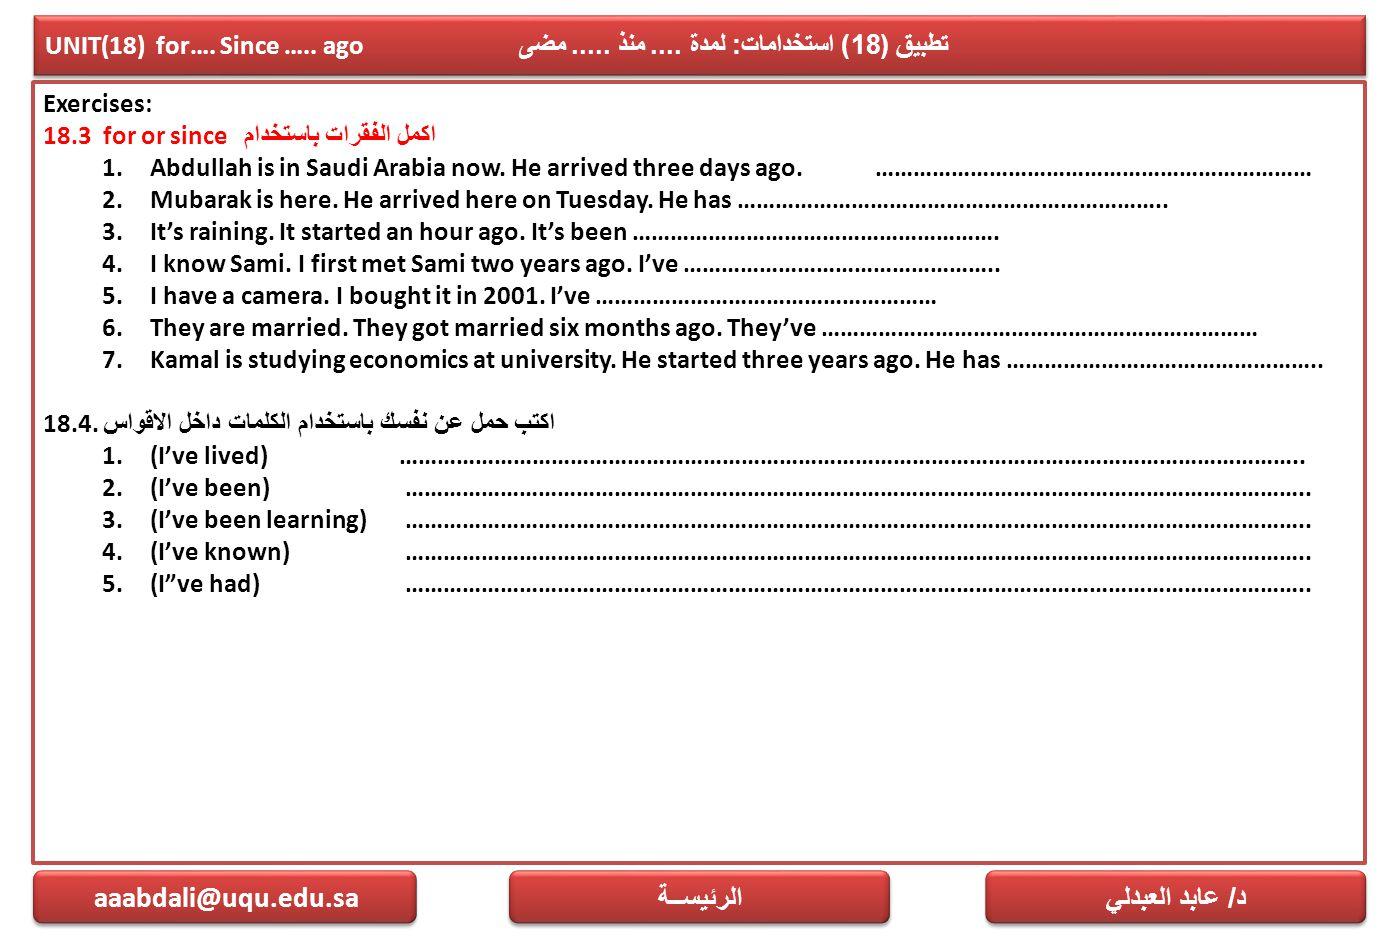 aaabdali@uqu.edu.sa الرئيســة د/ عابد العبدلي